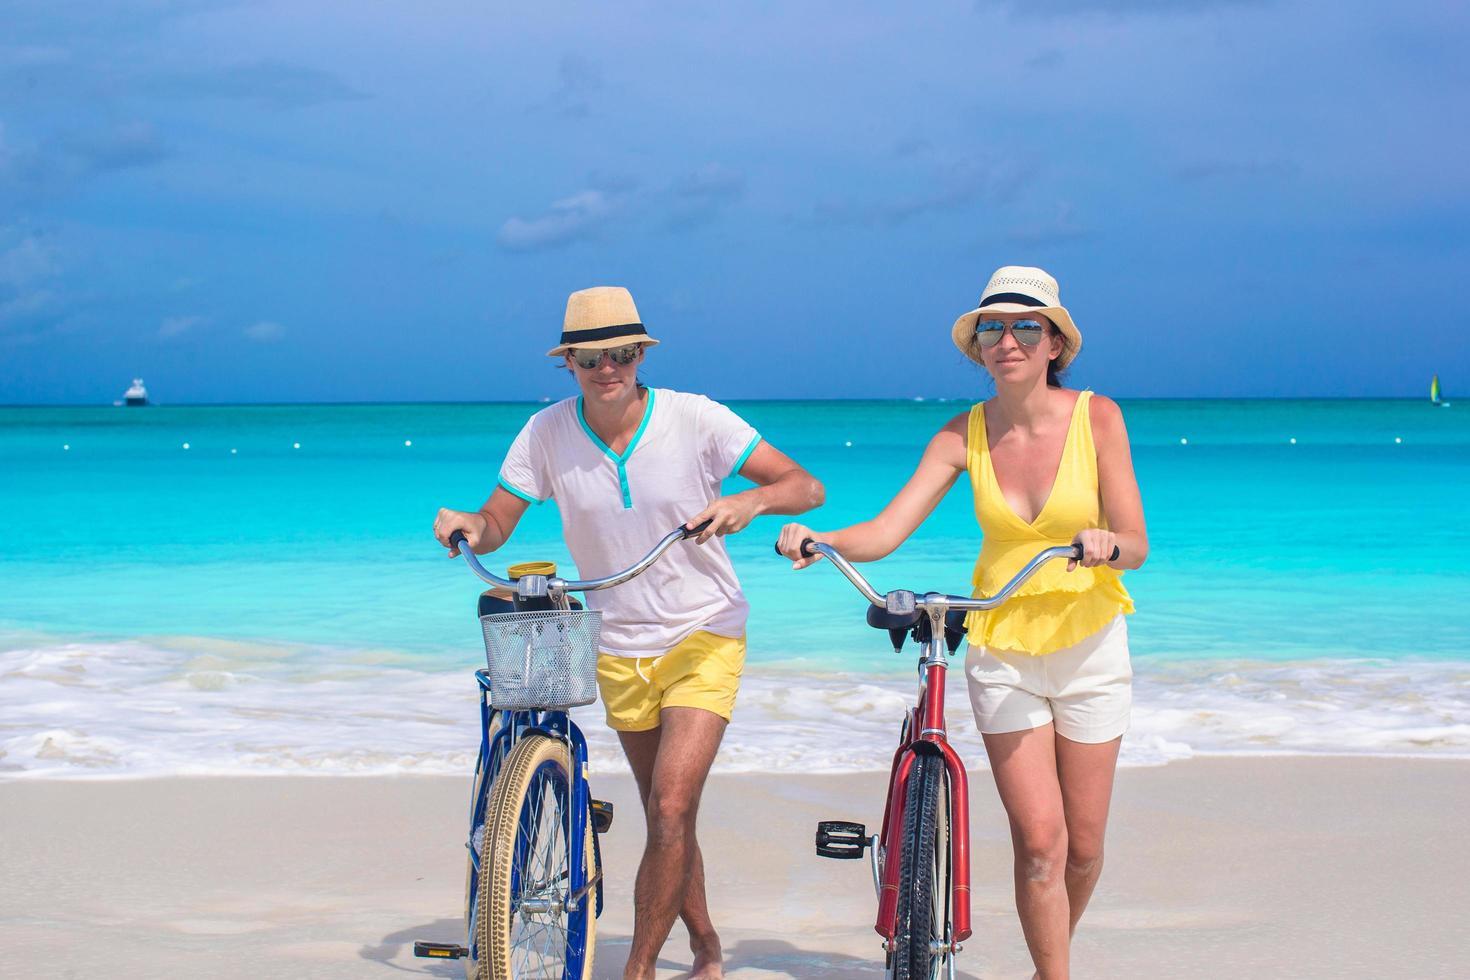 coppia con bici su una spiaggia foto